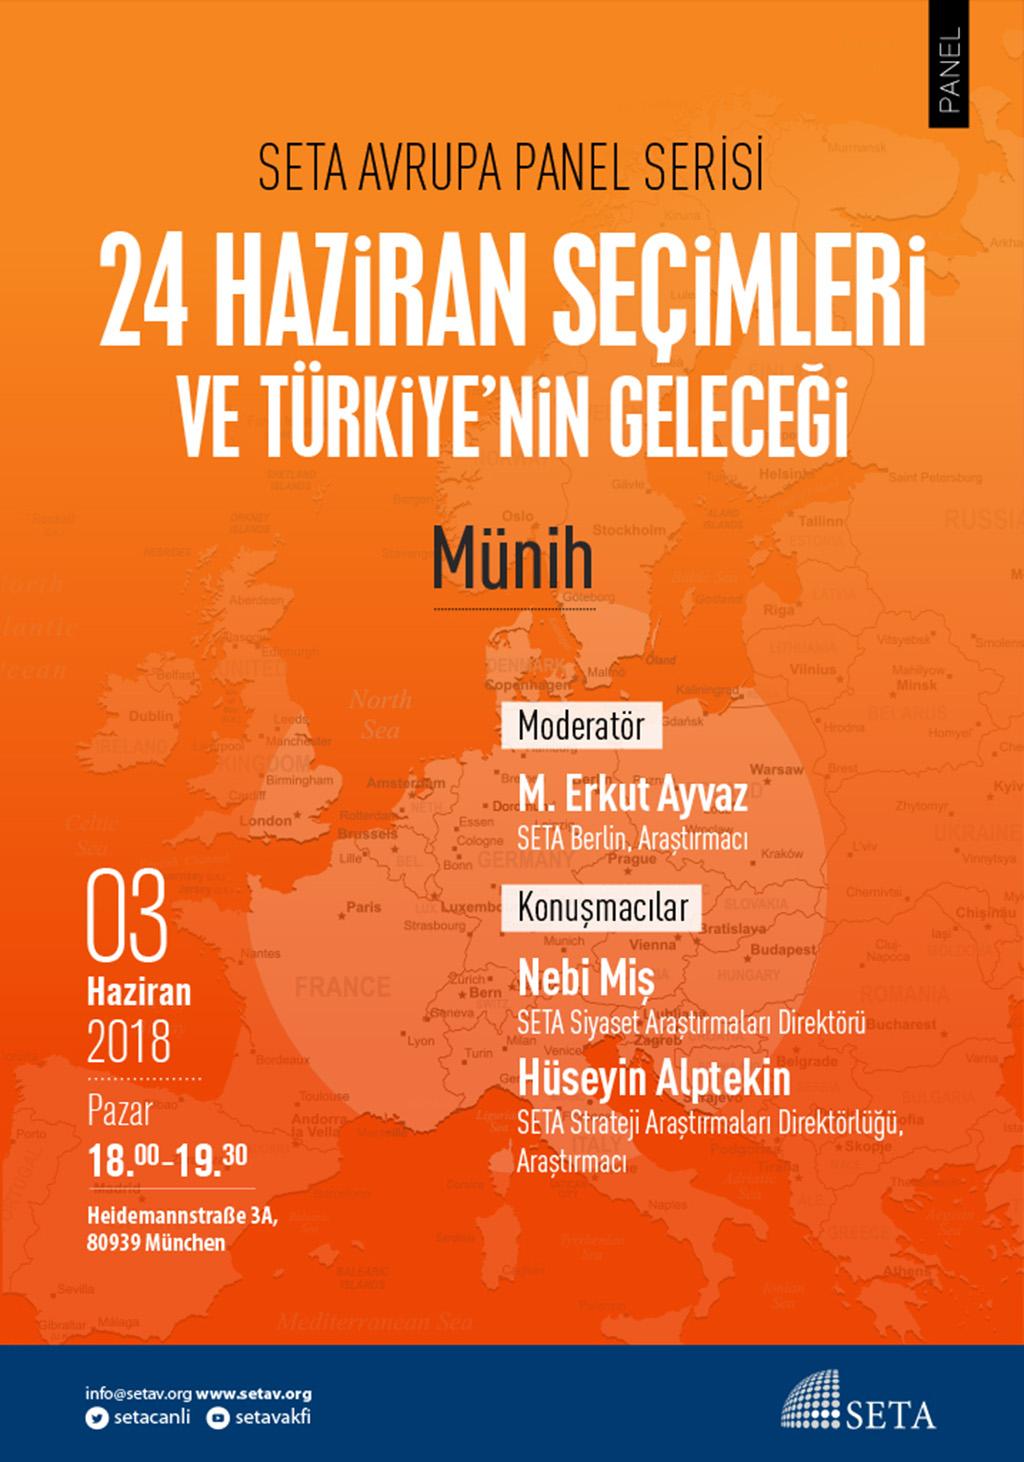 Panel: Münih | 24 Haziran Seçimleri ve Türkiye'nin Geleceği